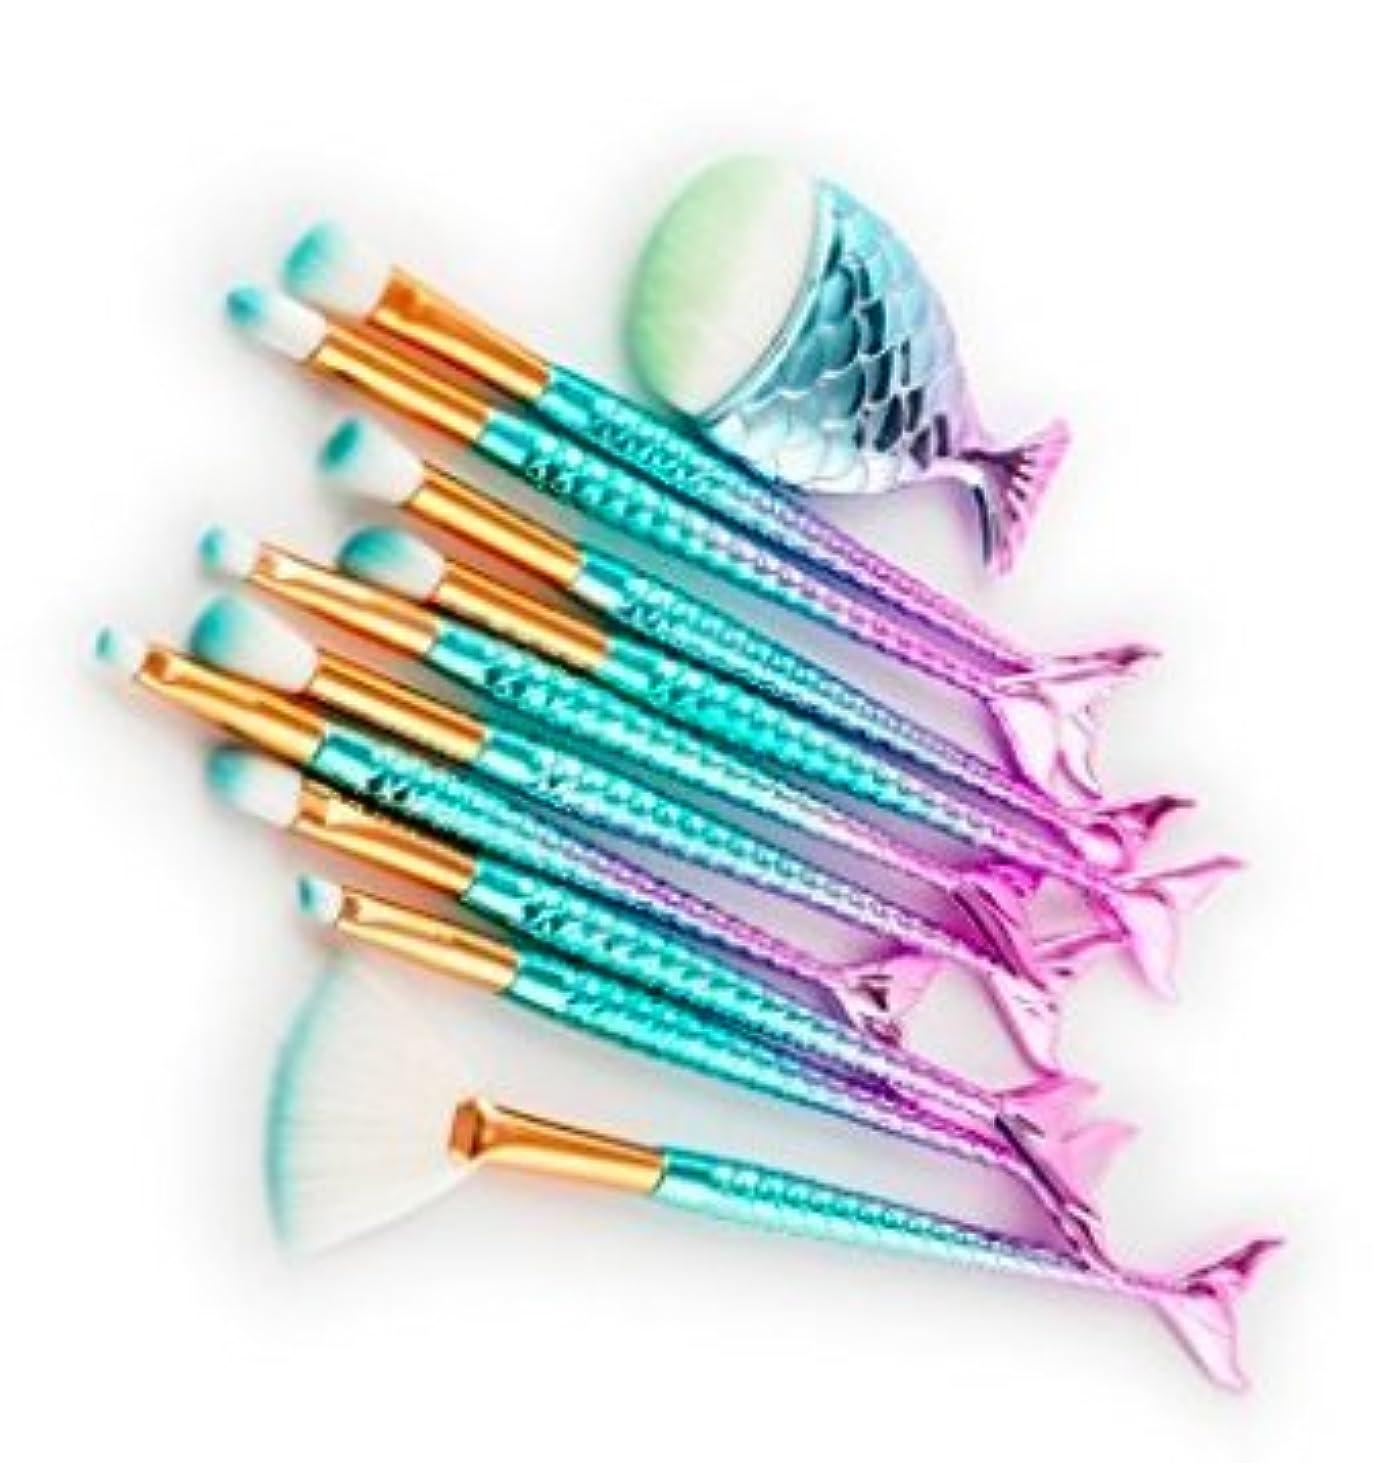 住居バナー過半数SYNC マーメイドブラシ メイクアップブラシ 10+1 11本セット 極細毛 フェイスケア ナイロン製 化粧筆